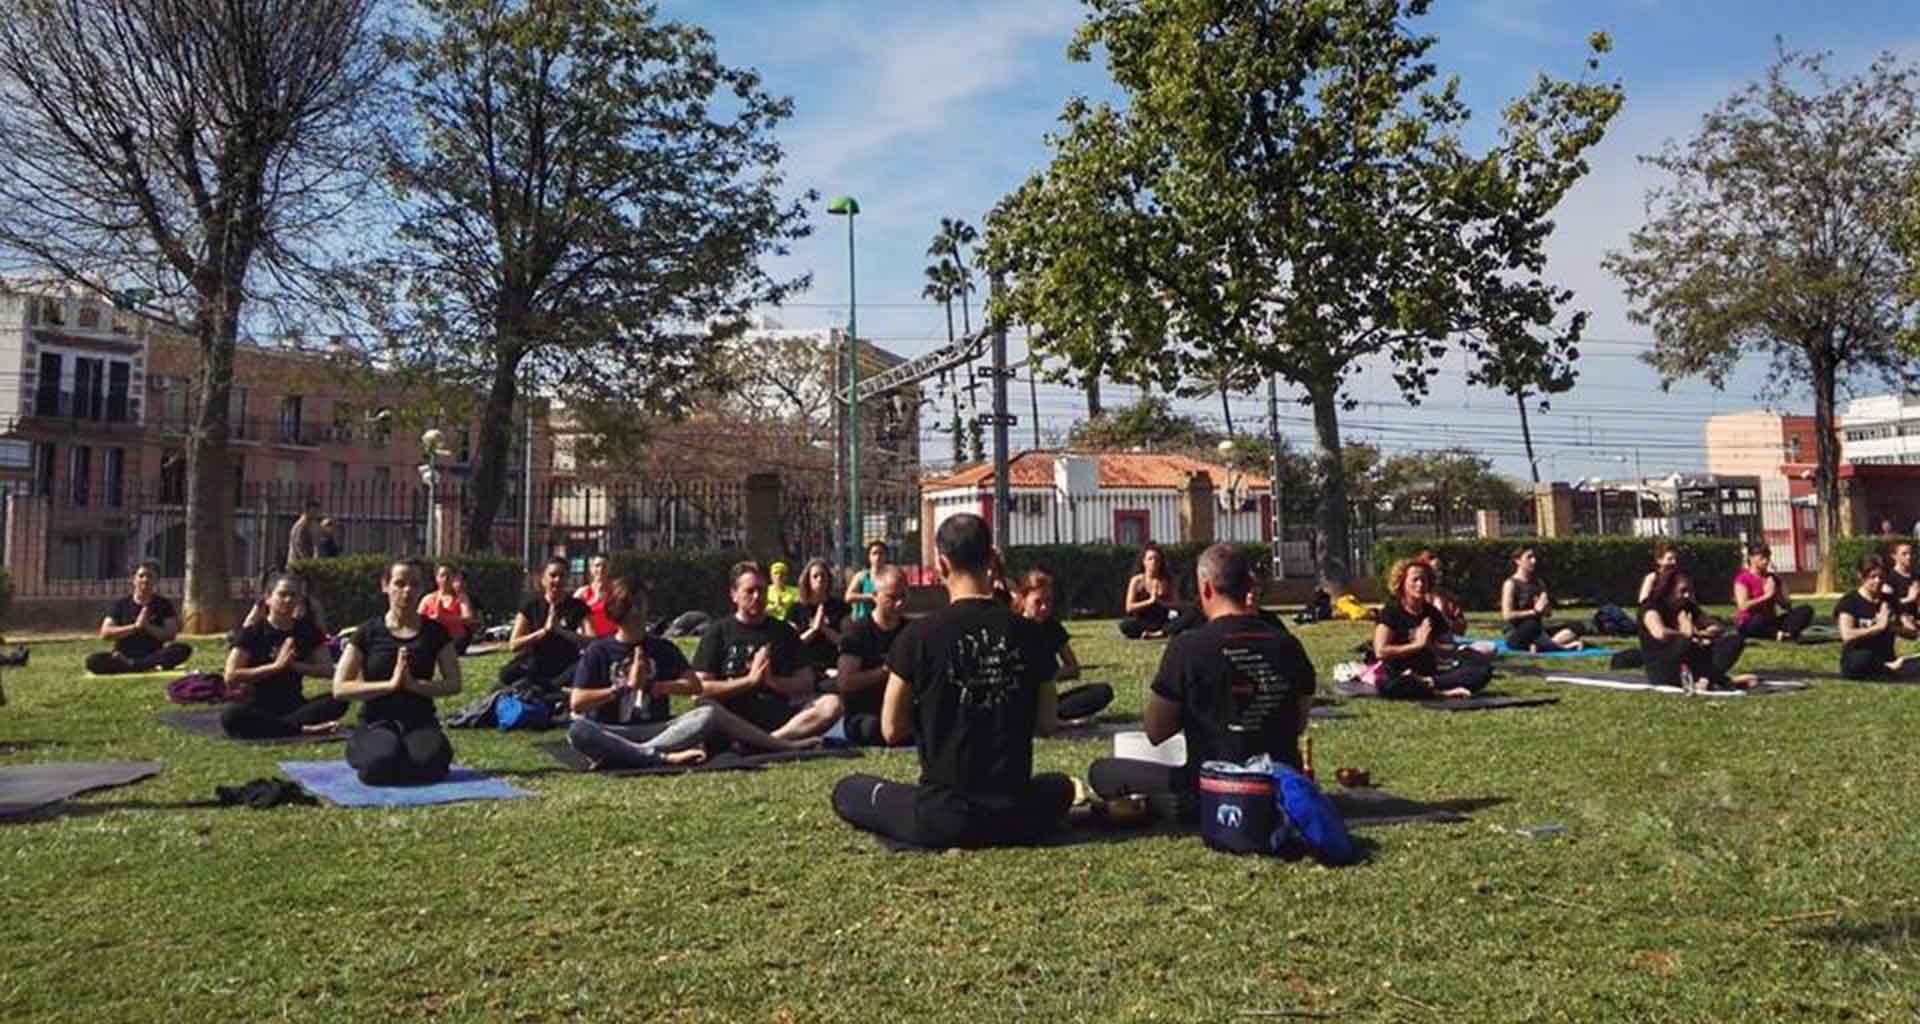 01 - Evento Yoga 2019 parque de Dos Hermanas - 108 saludos al sol - Yoga 21